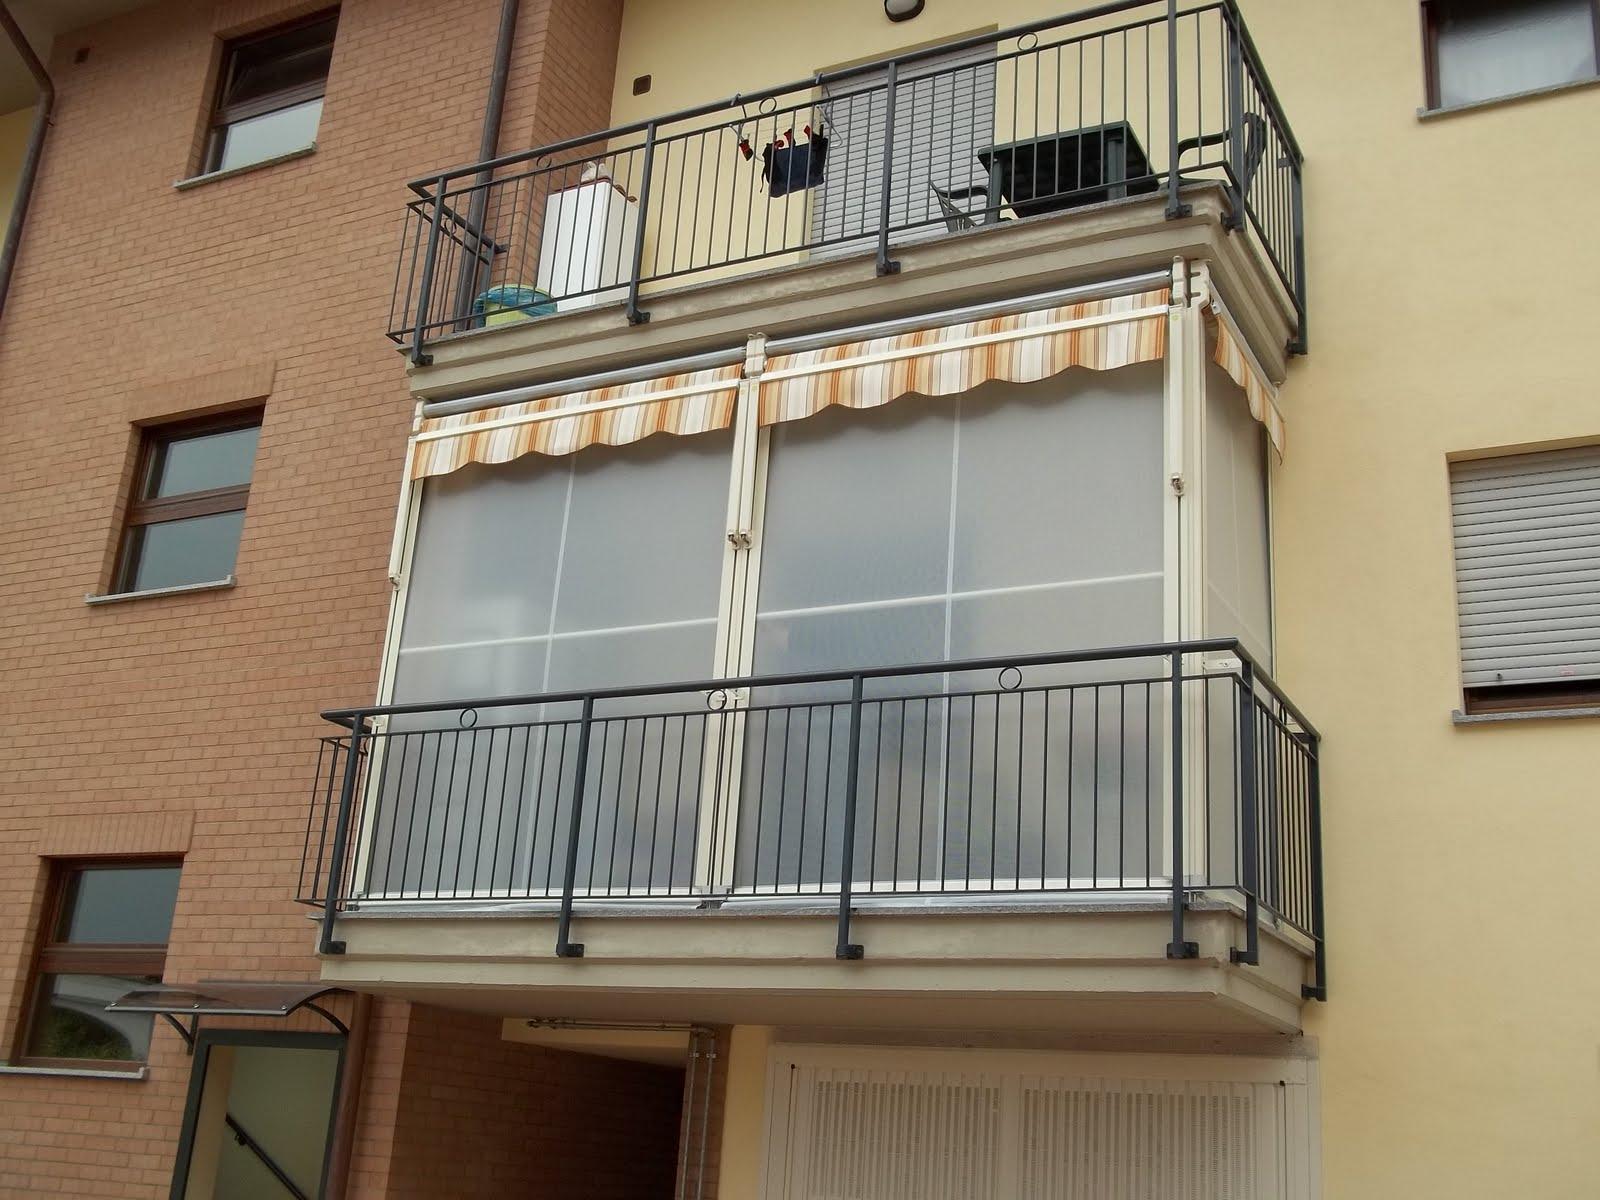 Tende Veranda Estate Inverno : Tende da sole a torino m f tenda veranda doppio